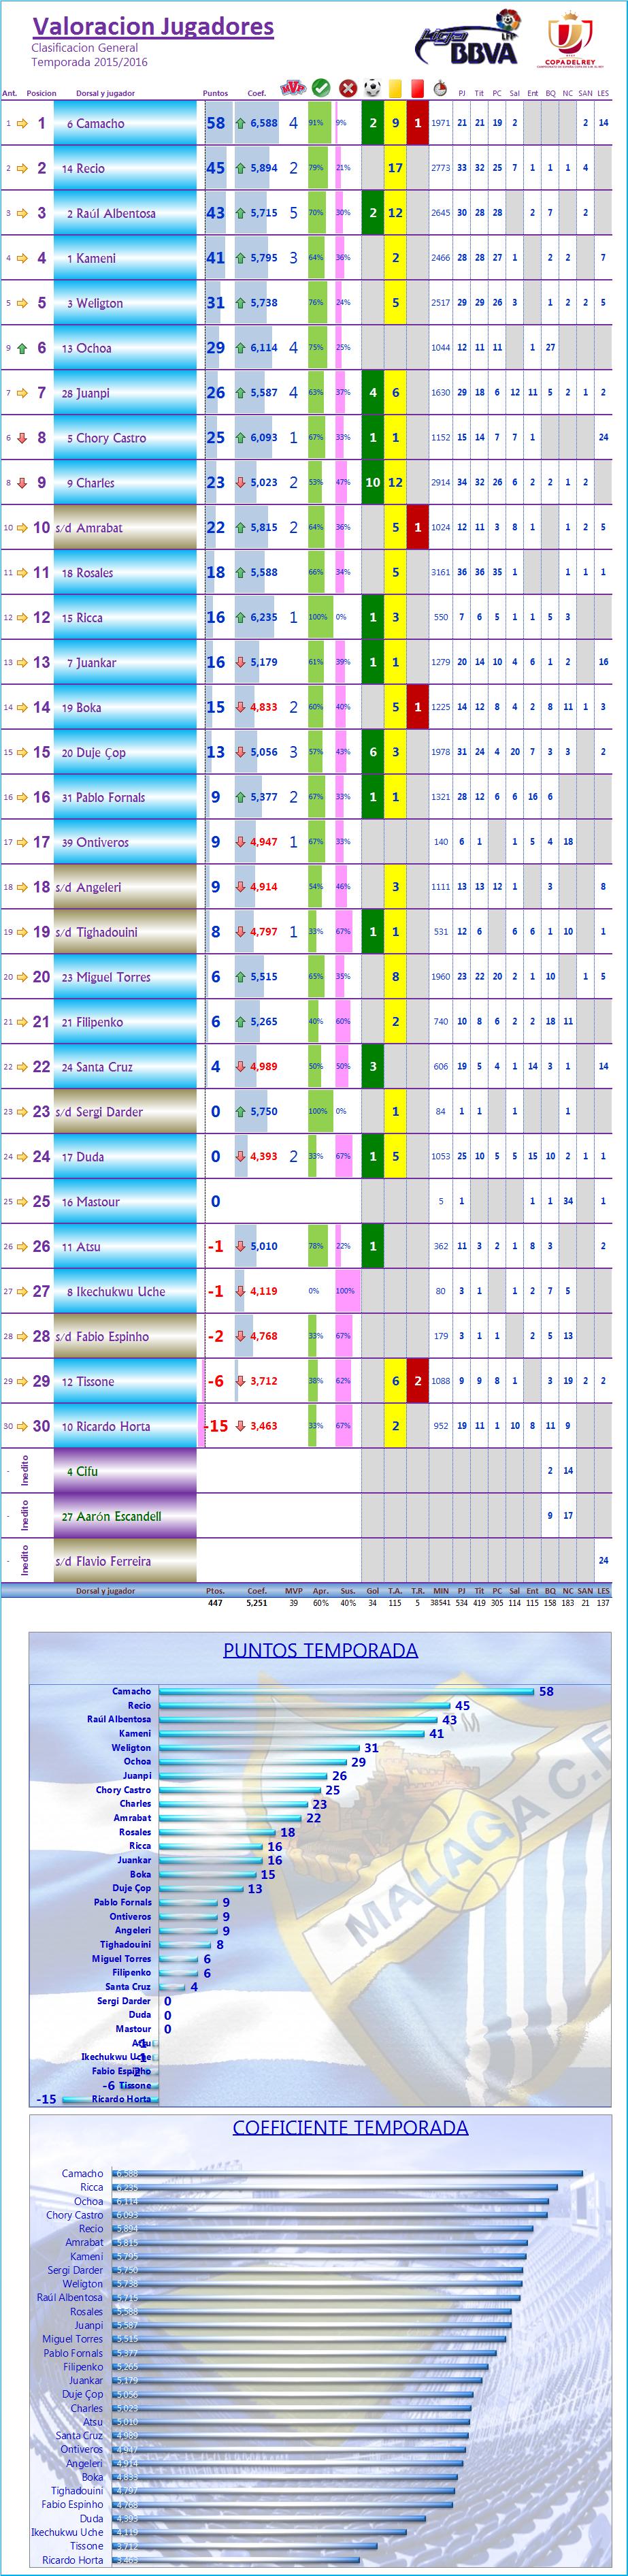 LOS MEJORES DEL MALAGA CF. Temp.2015/16: J38ª: MALAGA CF 4-1 UD LAS PALMAS Los_Mdel_MCF_General